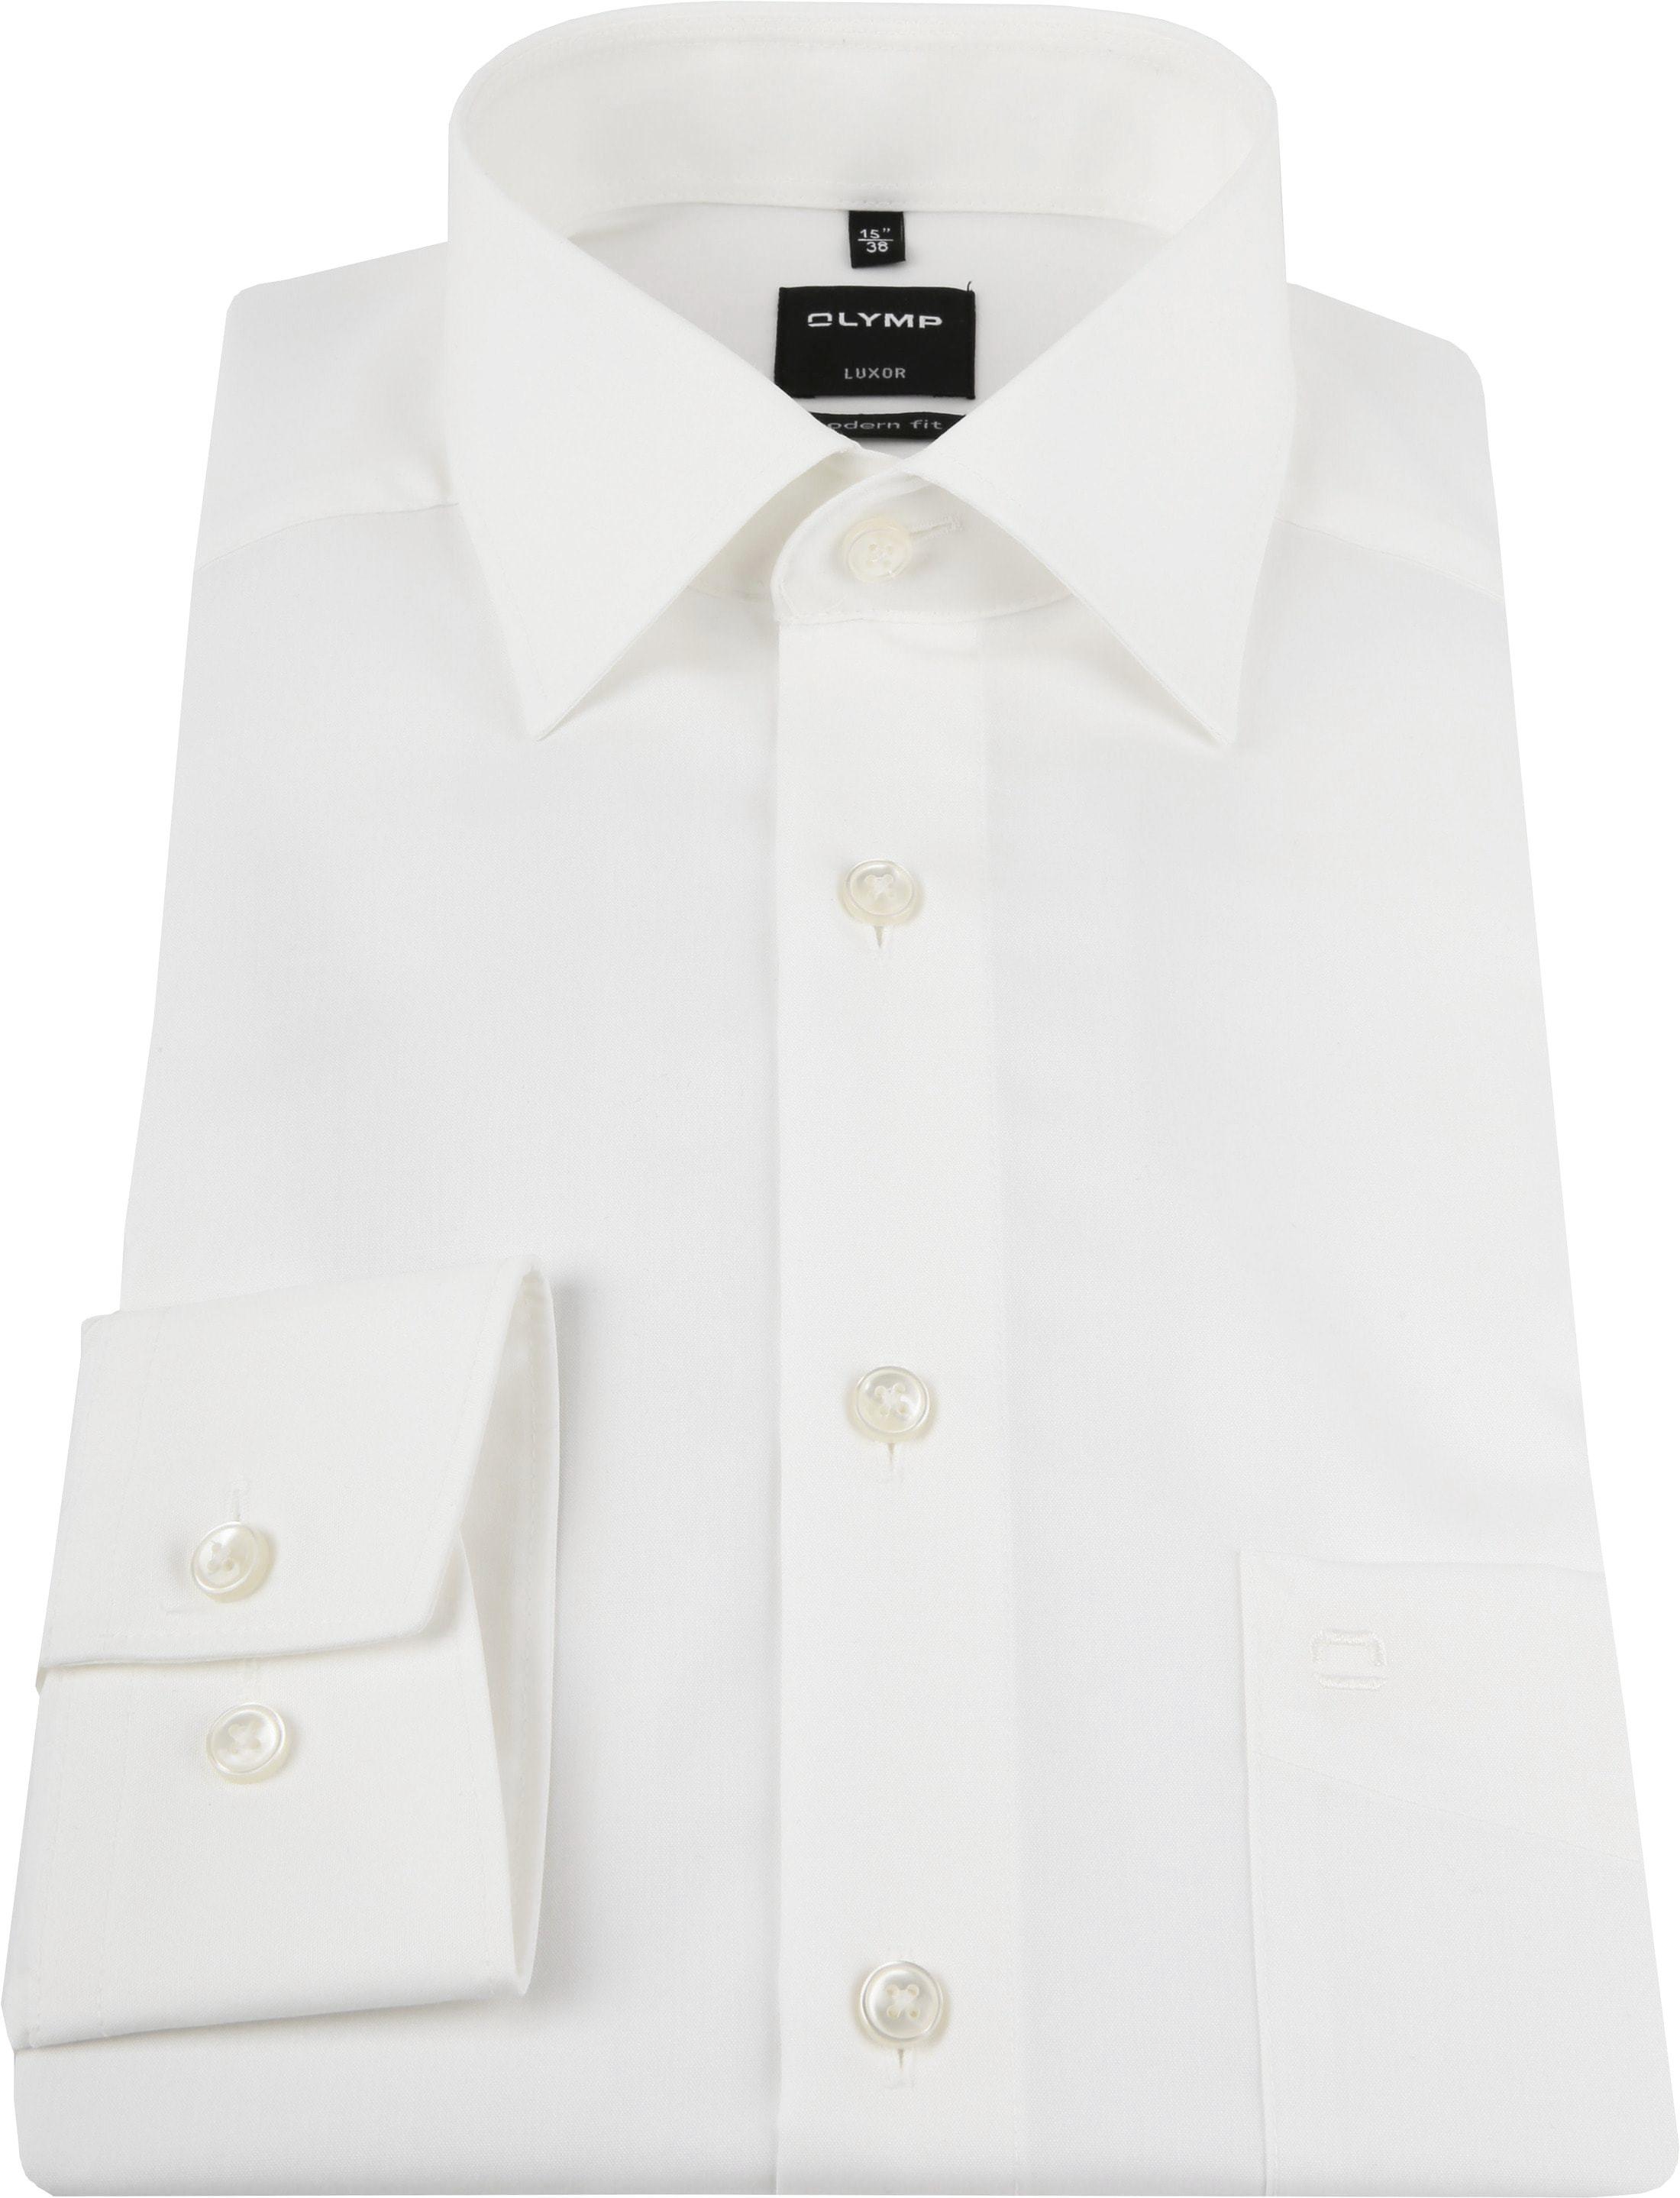 Olymp 7 Sleeve Wedding Shirt Ecru foto 2